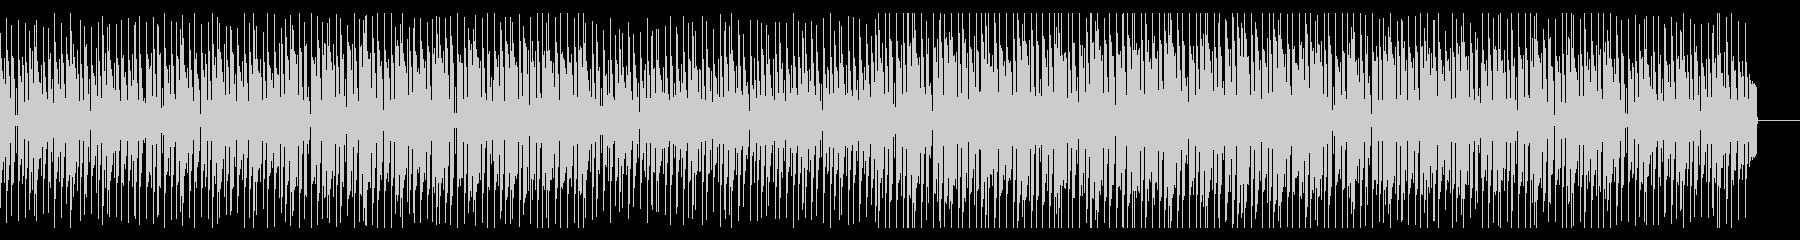 明るく楽しそうな雰囲気のBGMの未再生の波形